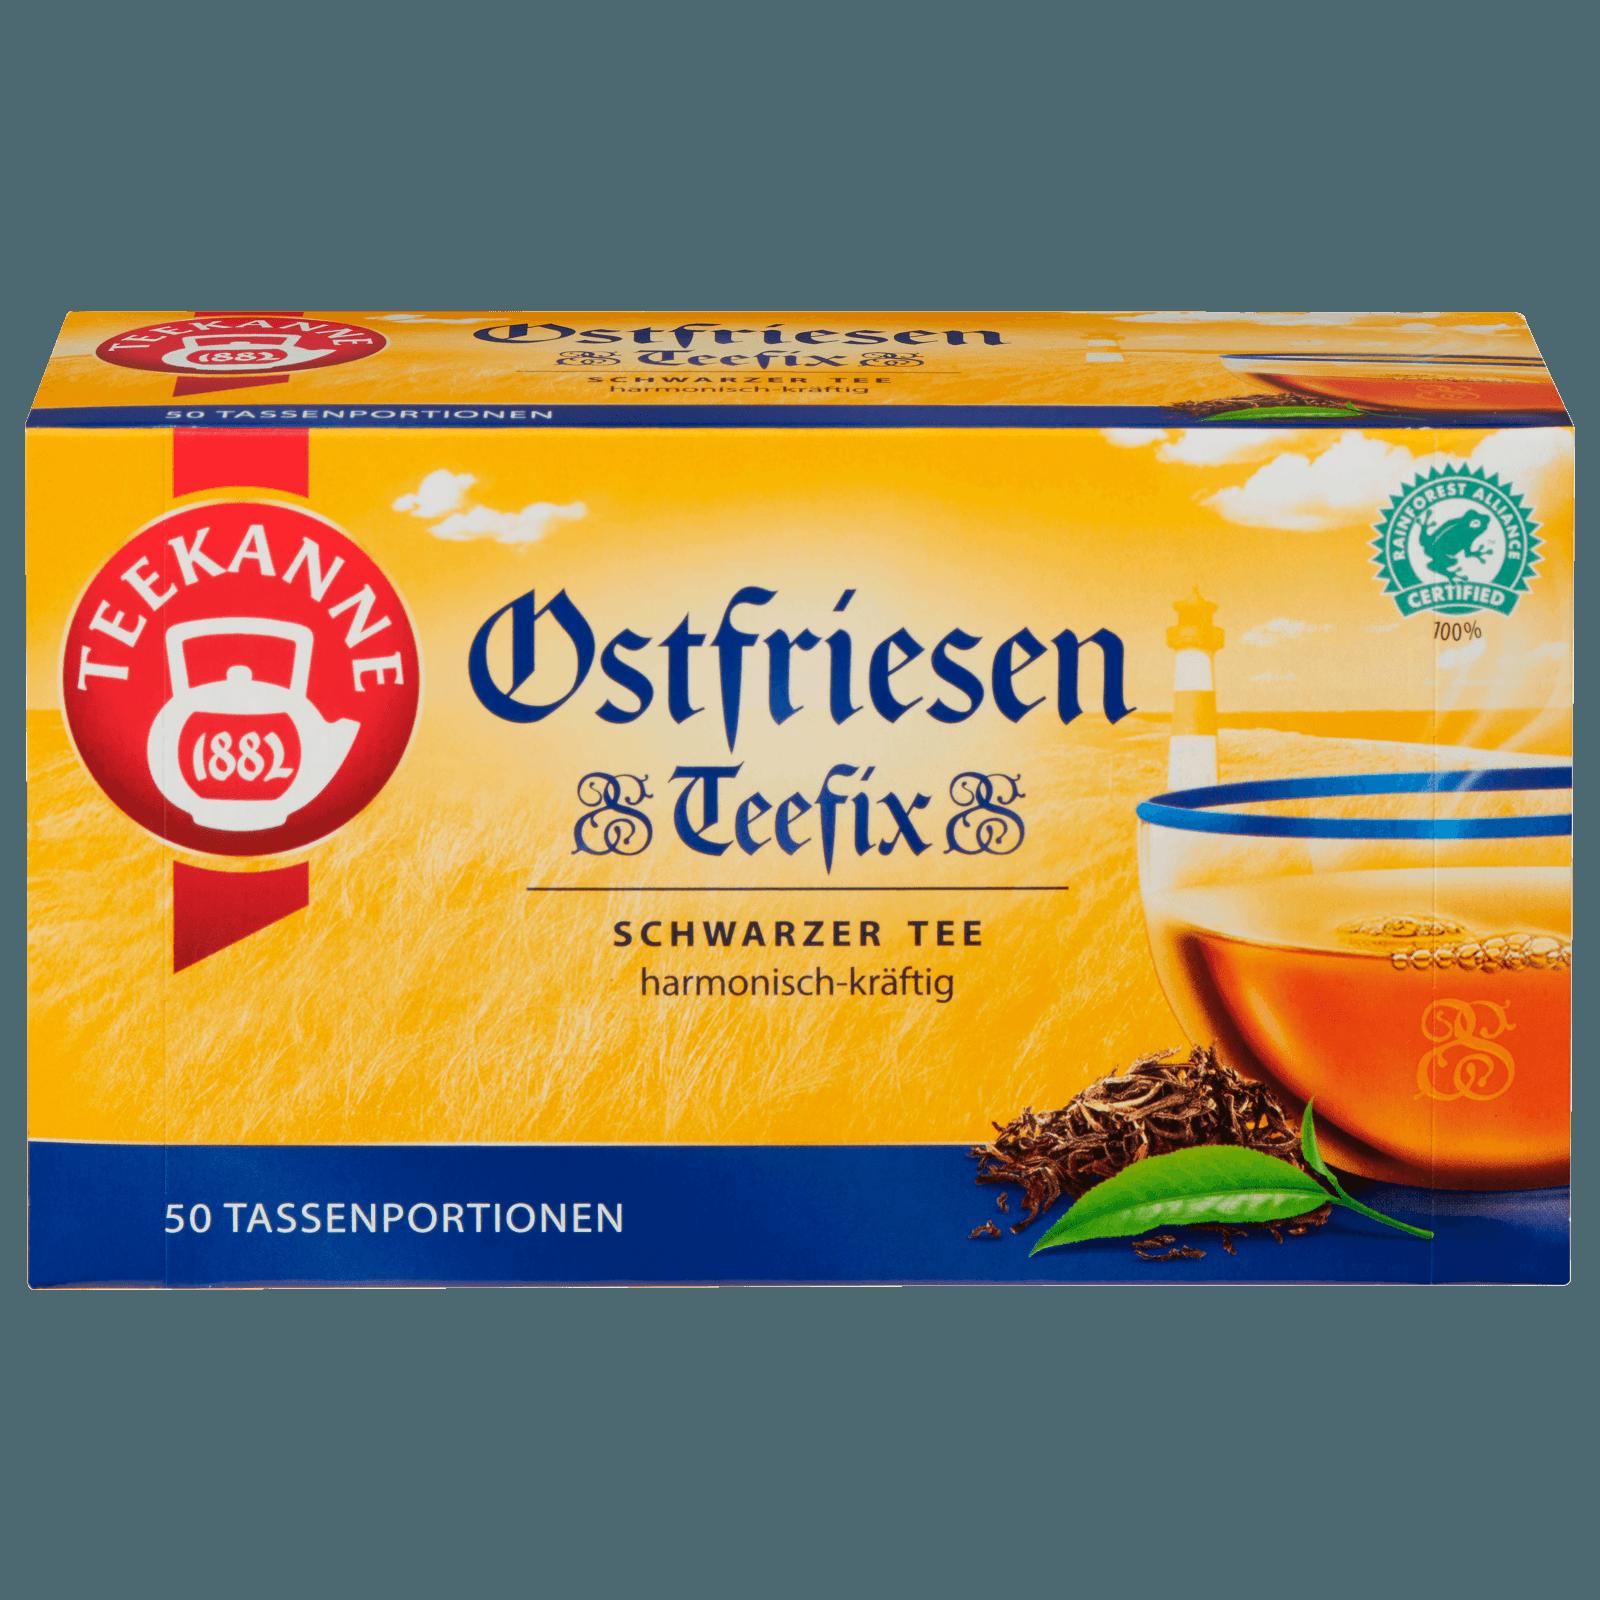 Teekanne Ostfriesen Teefix 75g, 50 Beutel